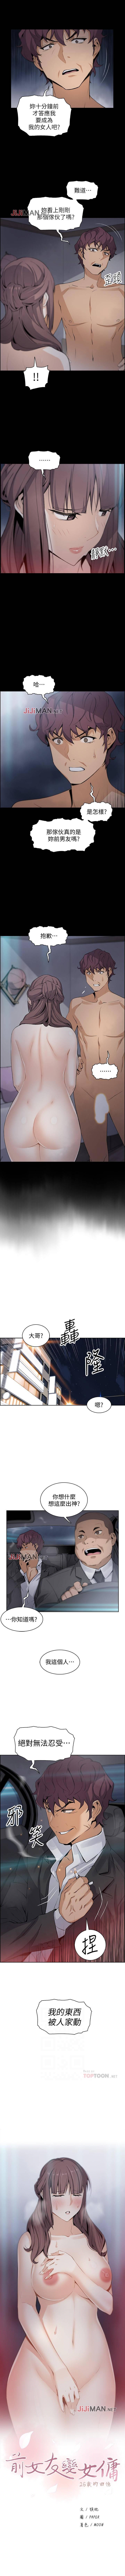 【周四连载】前女友变女佣(作者:PAPER&頸枕) 第1~33话 105